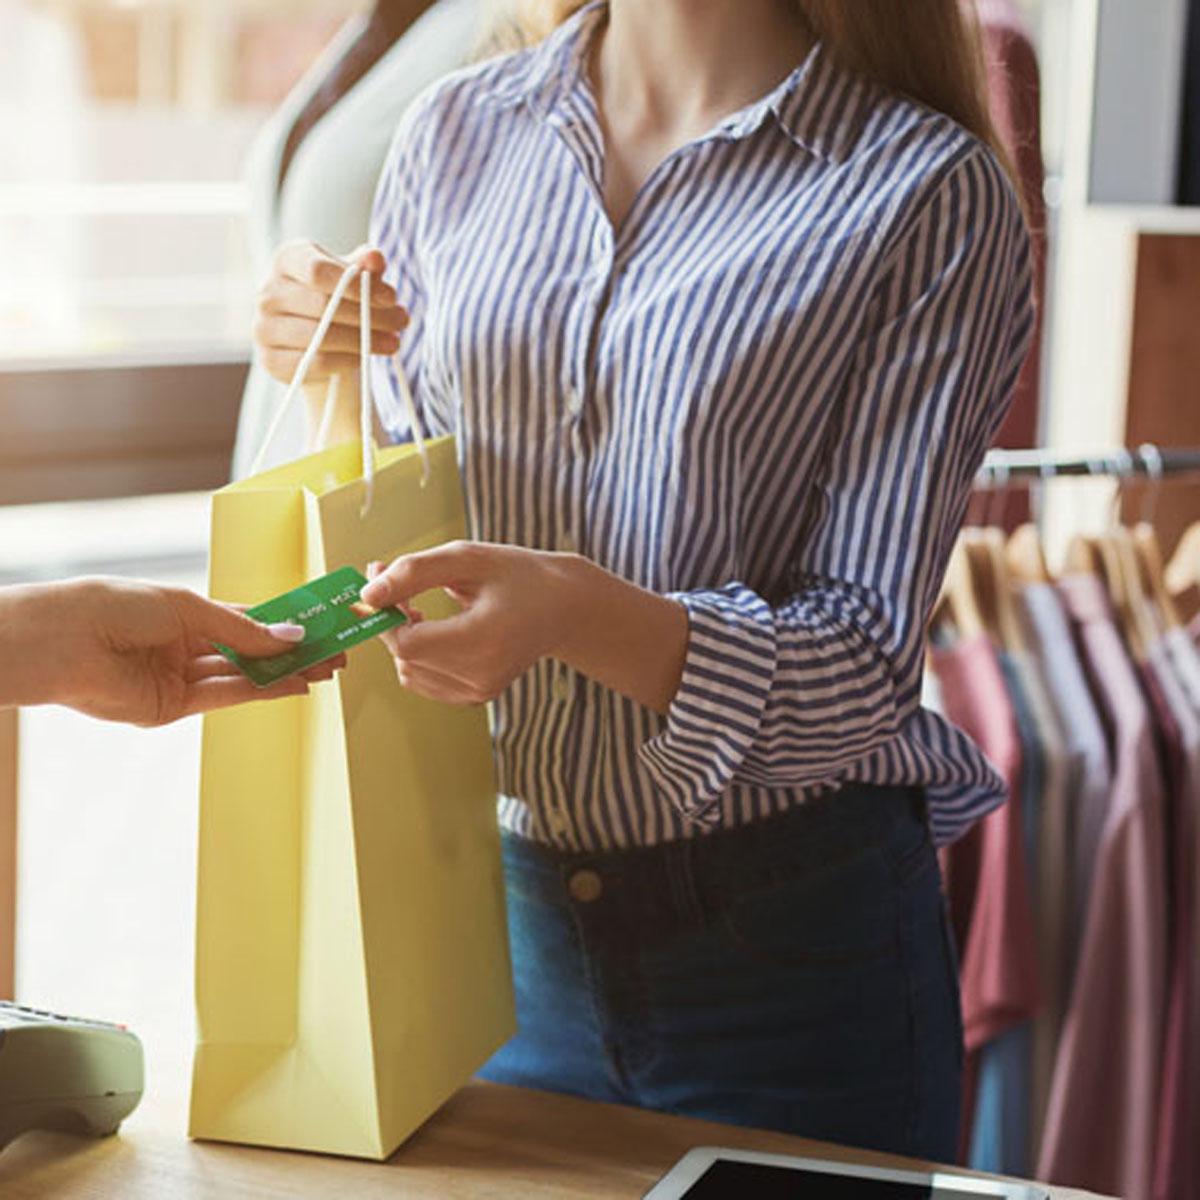 マルイ、パルコ、ルミネで最大10%オフ! ファッションビルでお得なクレジットカードを解説